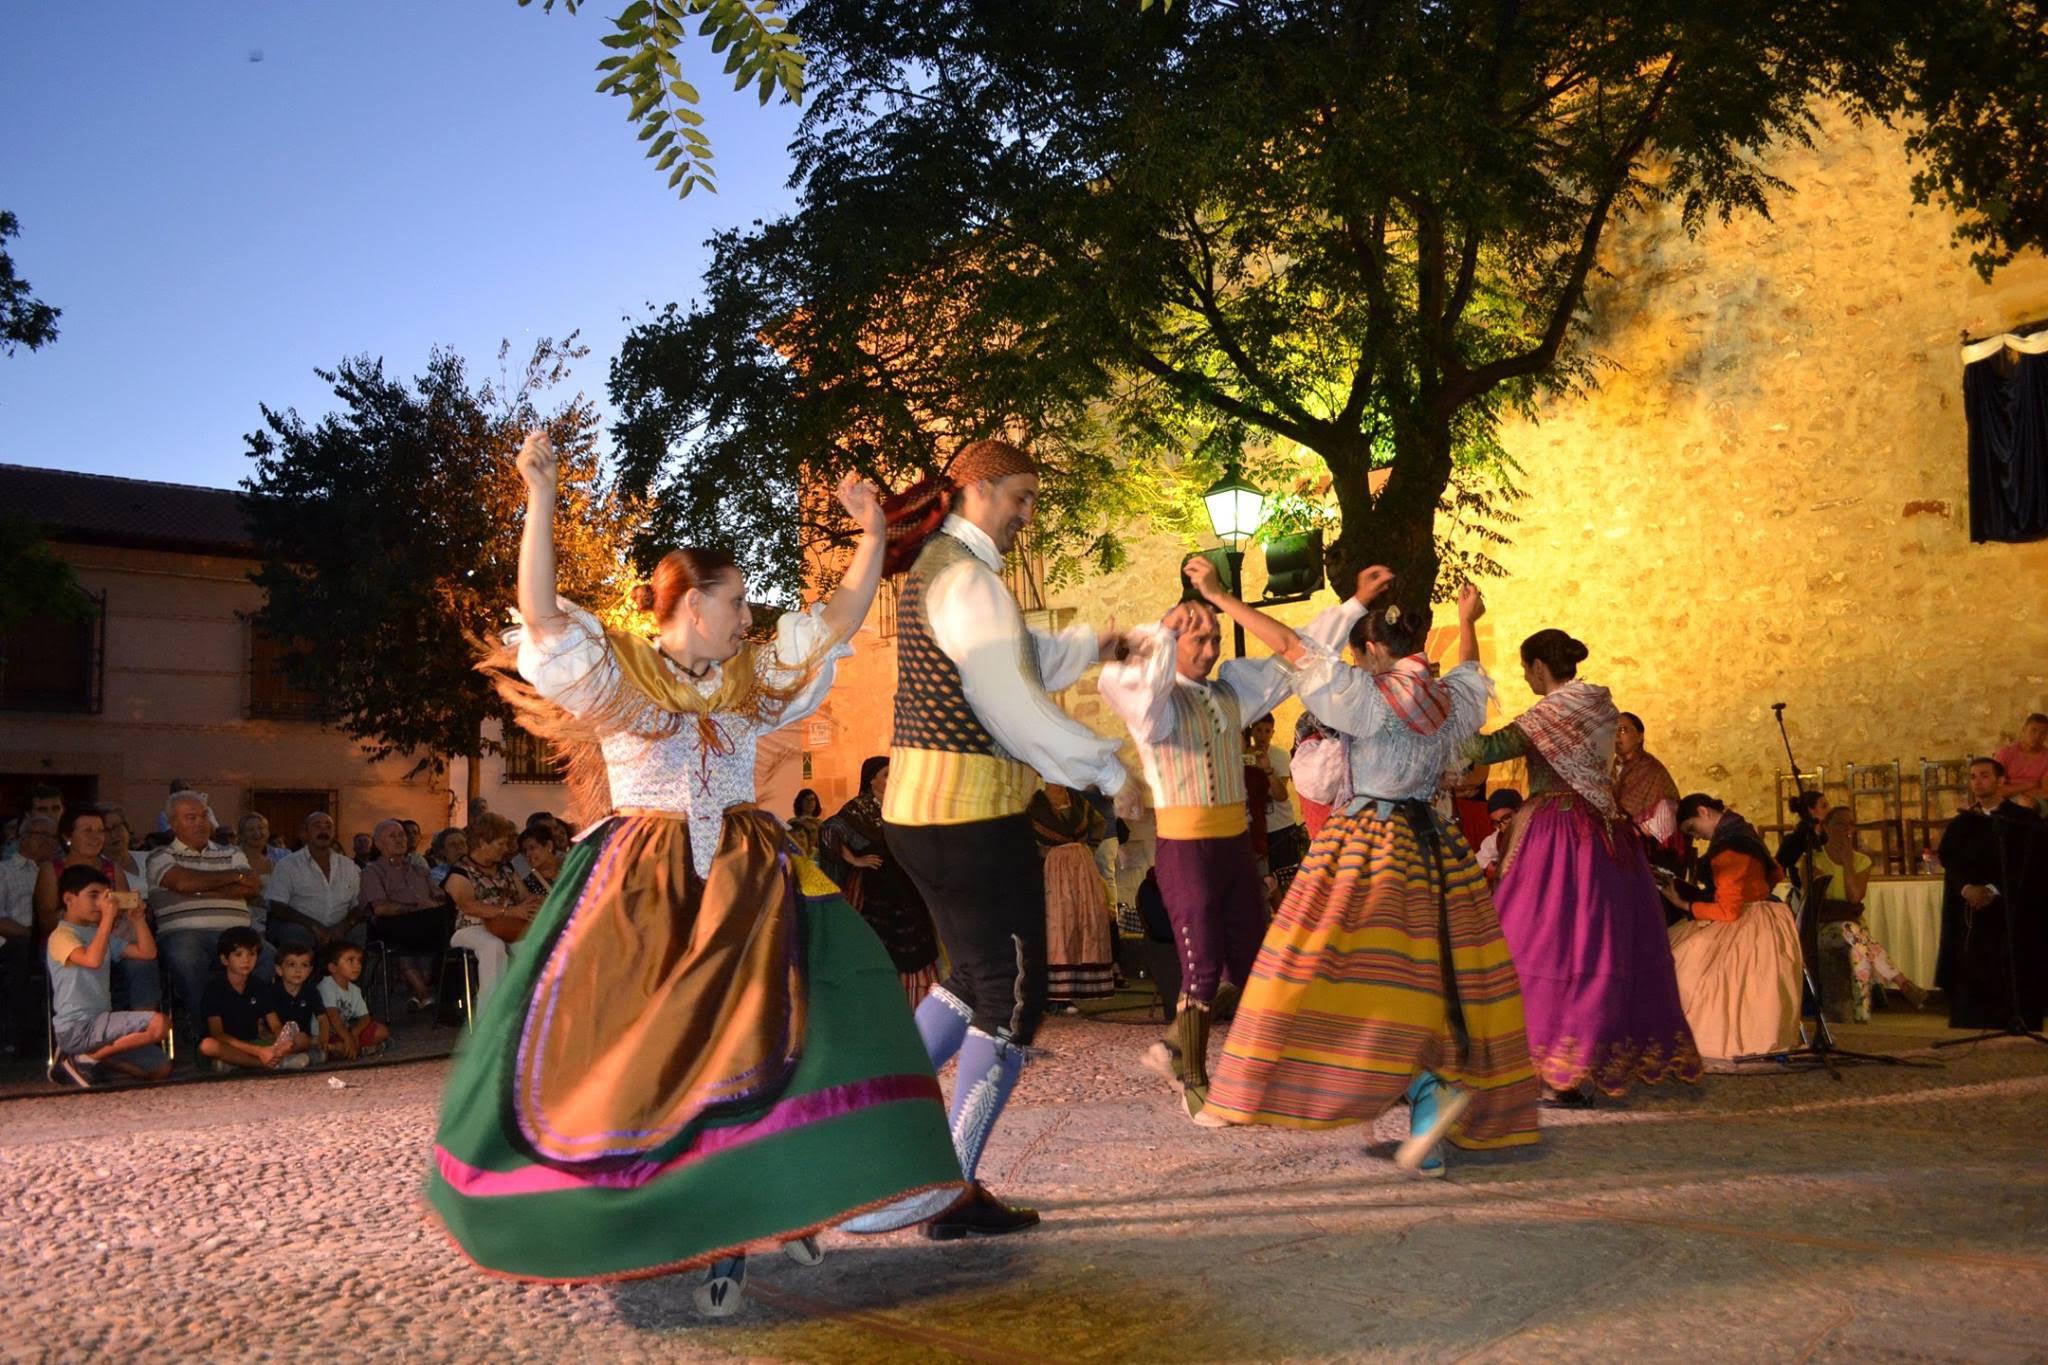 bailes-populares-durante-la-representacion-de-las-bodas-de-camacho-en-fuenllana-autor-salvador-carlos-duenas